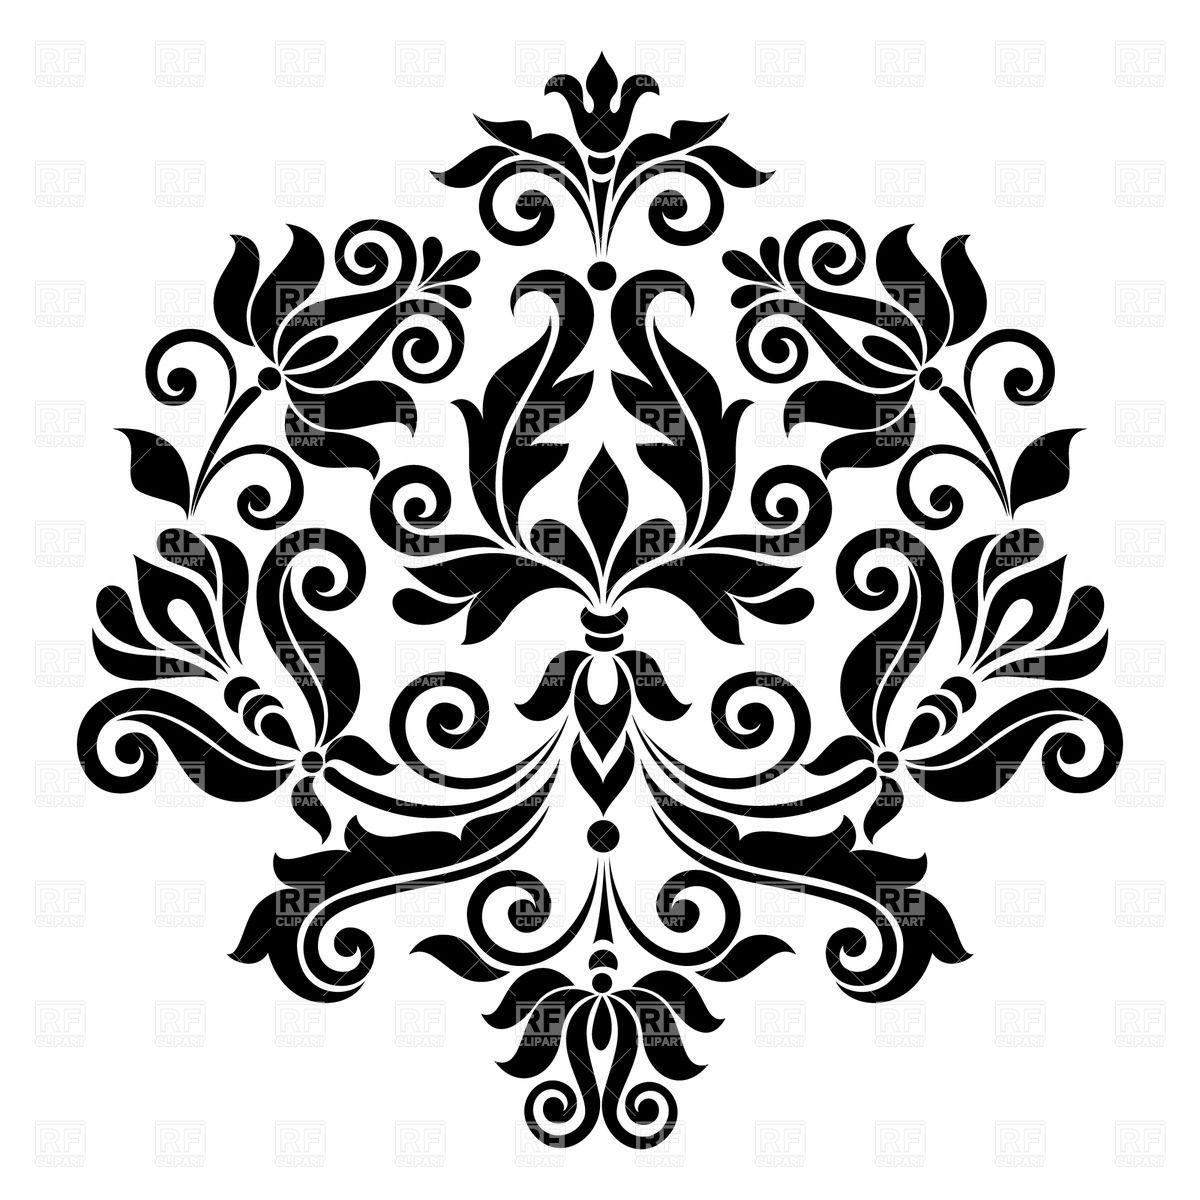 Black Vintage Floral Design Element Vector Image Vector Illustration Of Design Elements